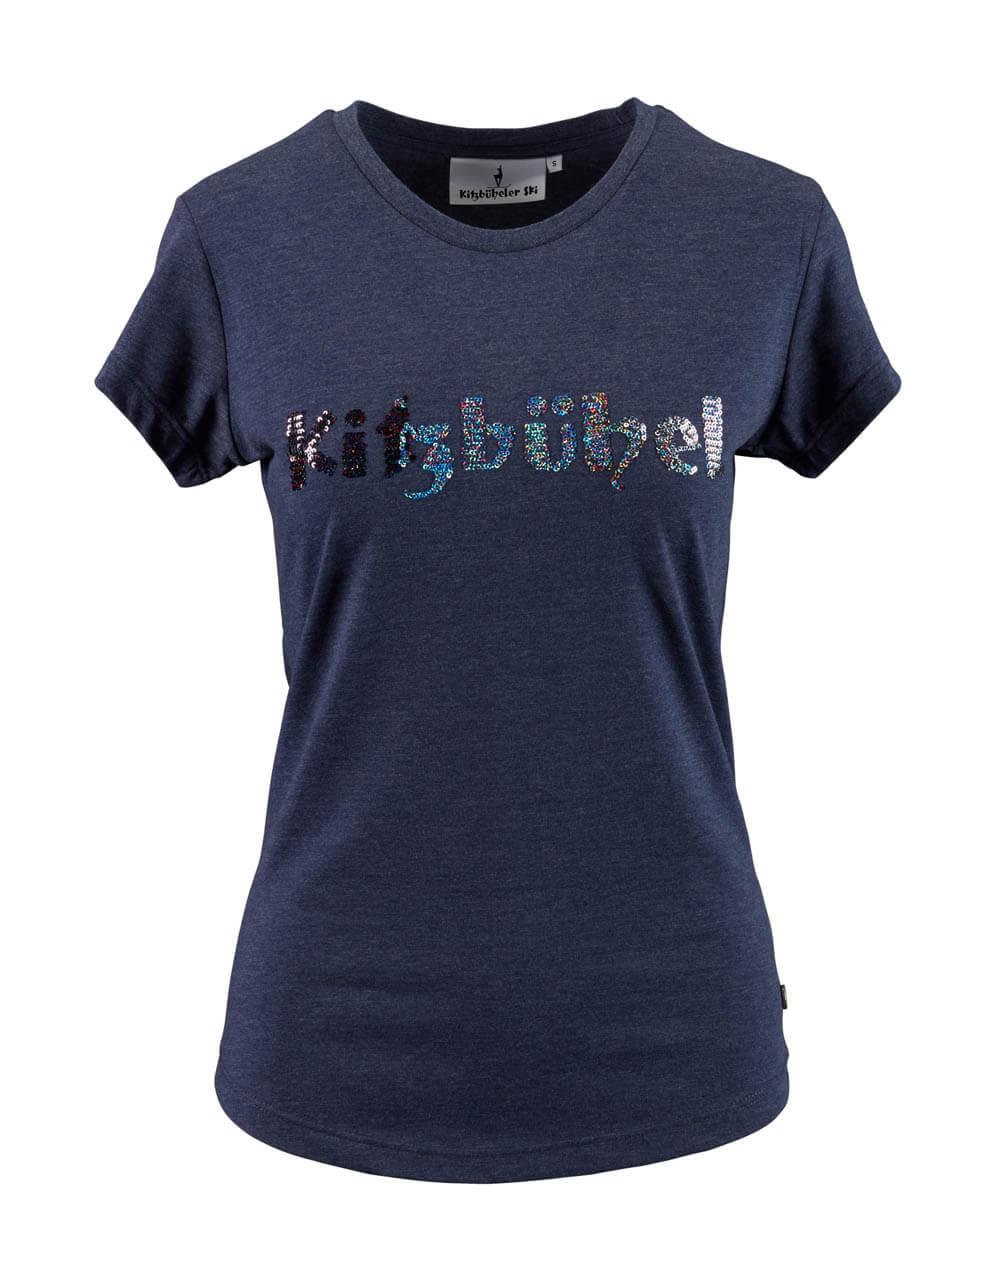 681761001 Damen T-Shirt pailetten